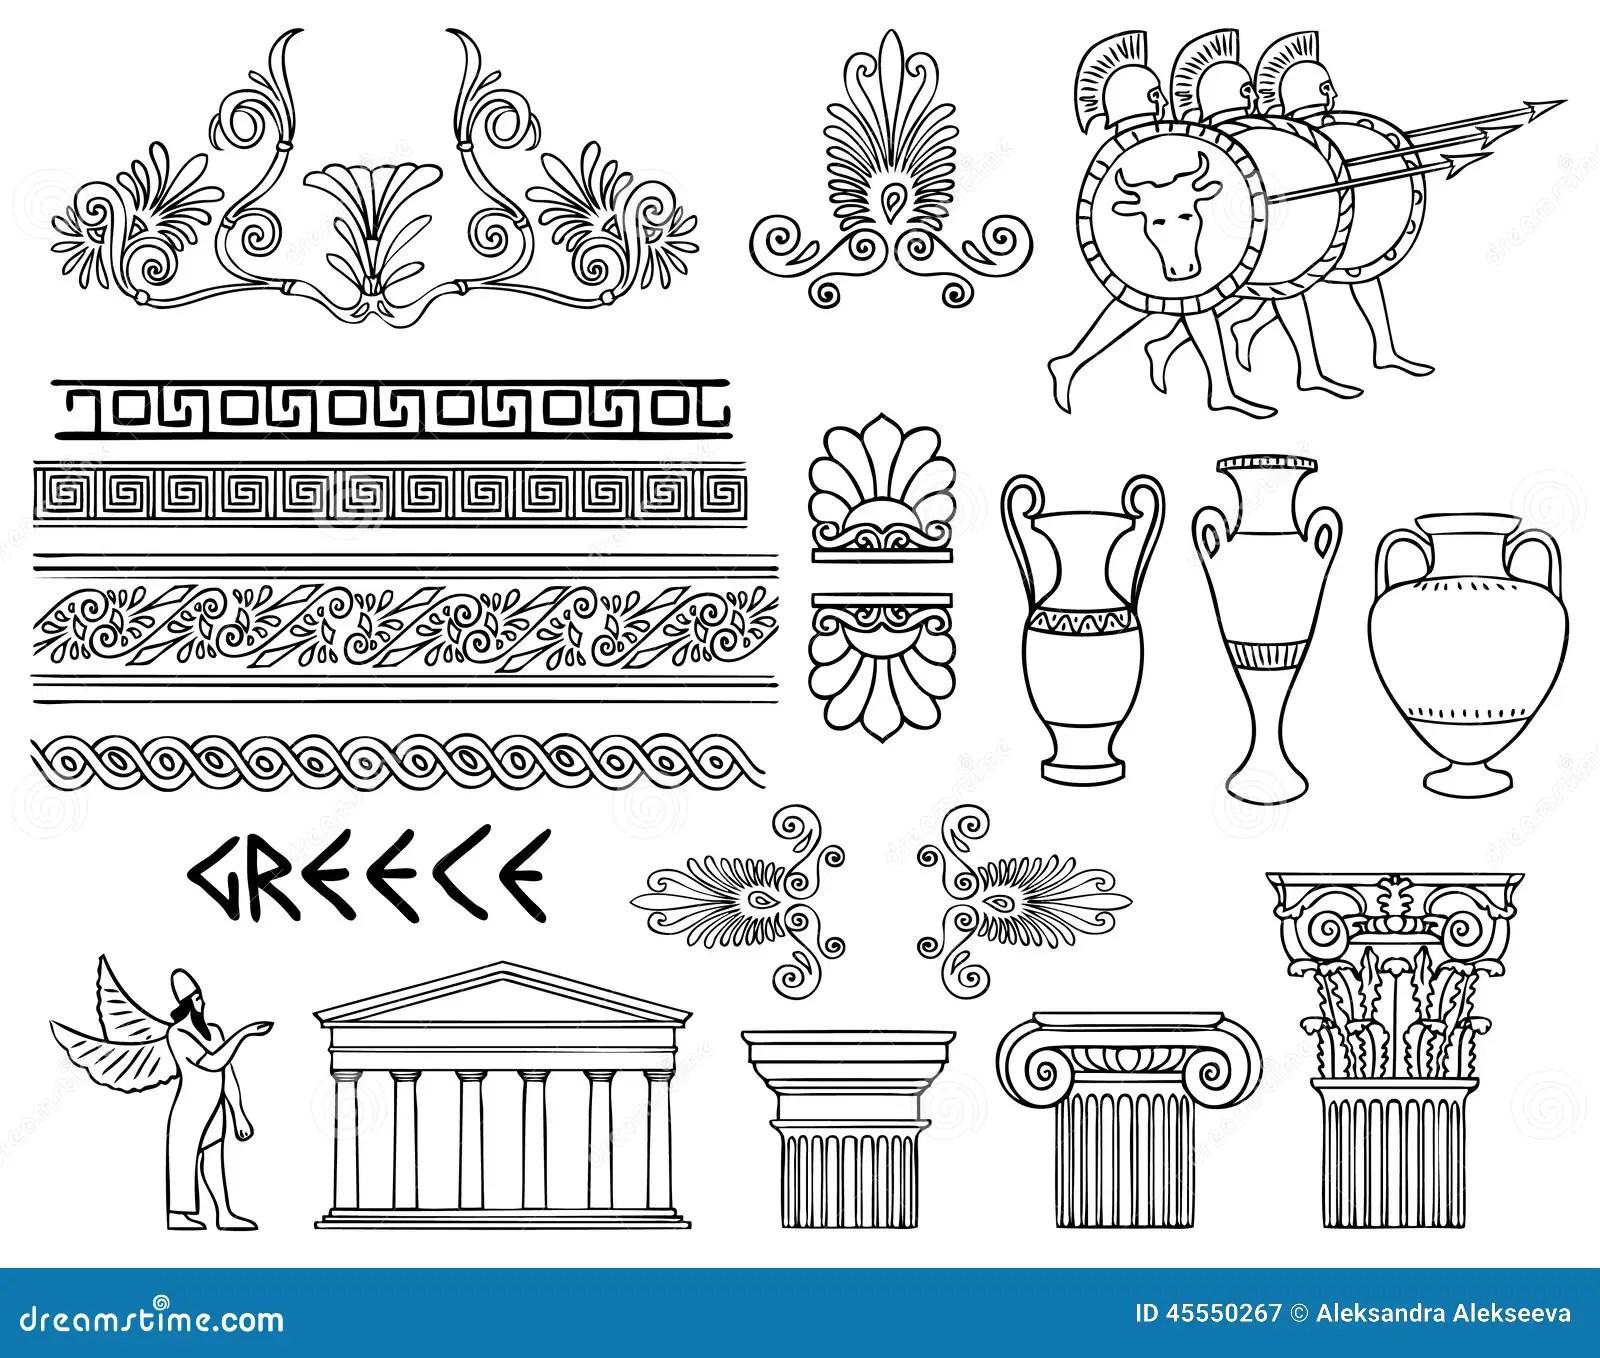 Griechenland Architektur Und Verzierungen Eingestellt